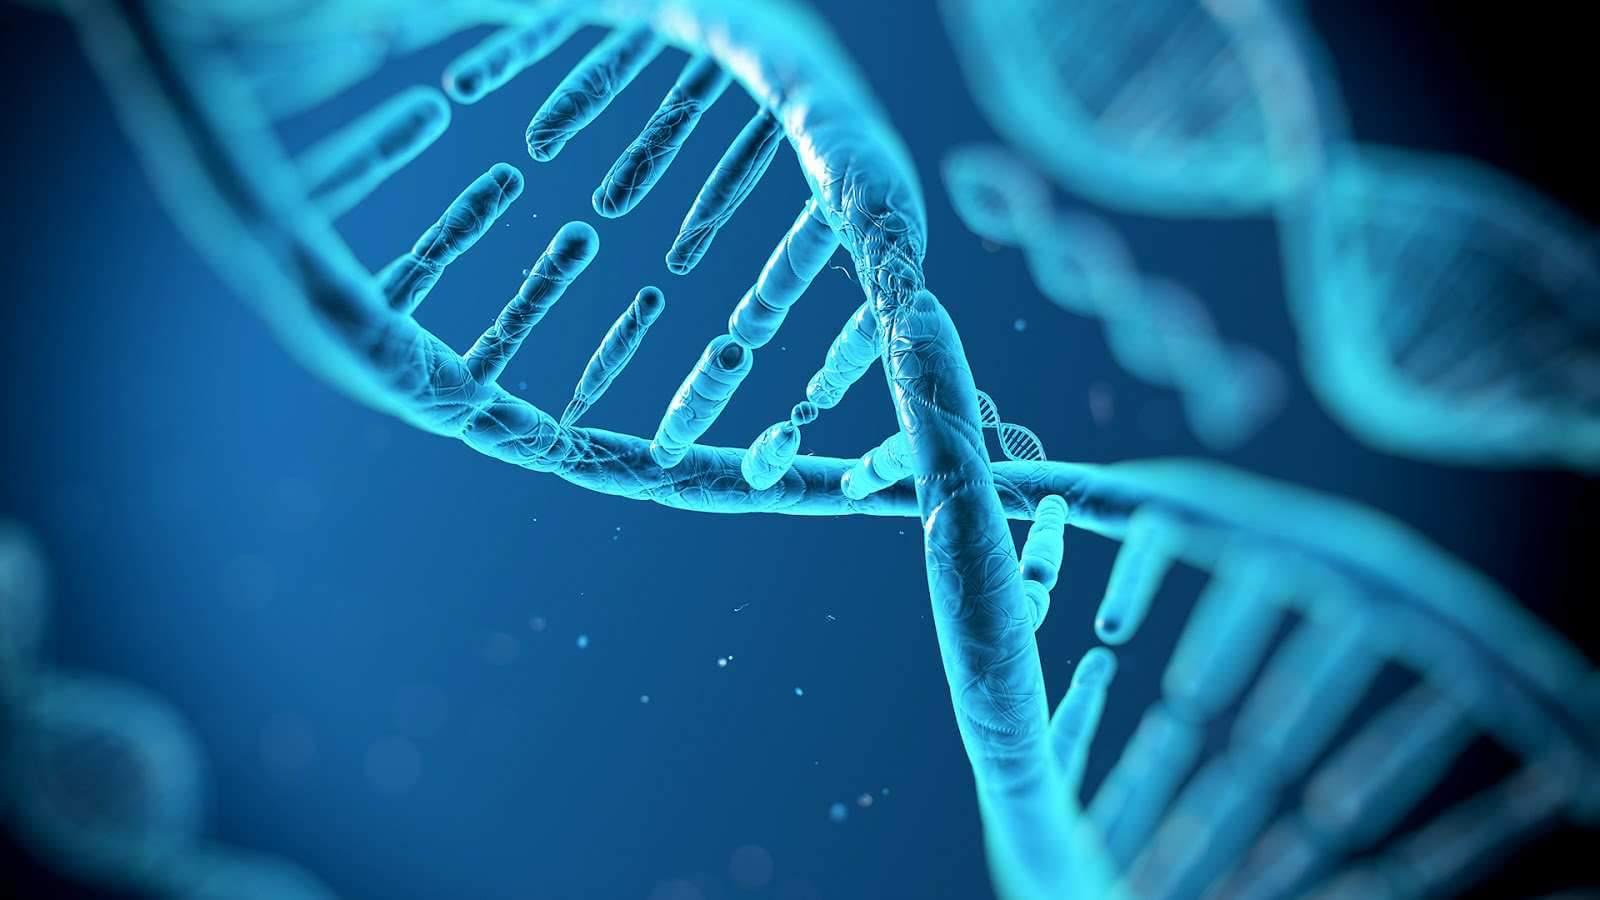 خصائص الشفرة الوراثية وأهميتها